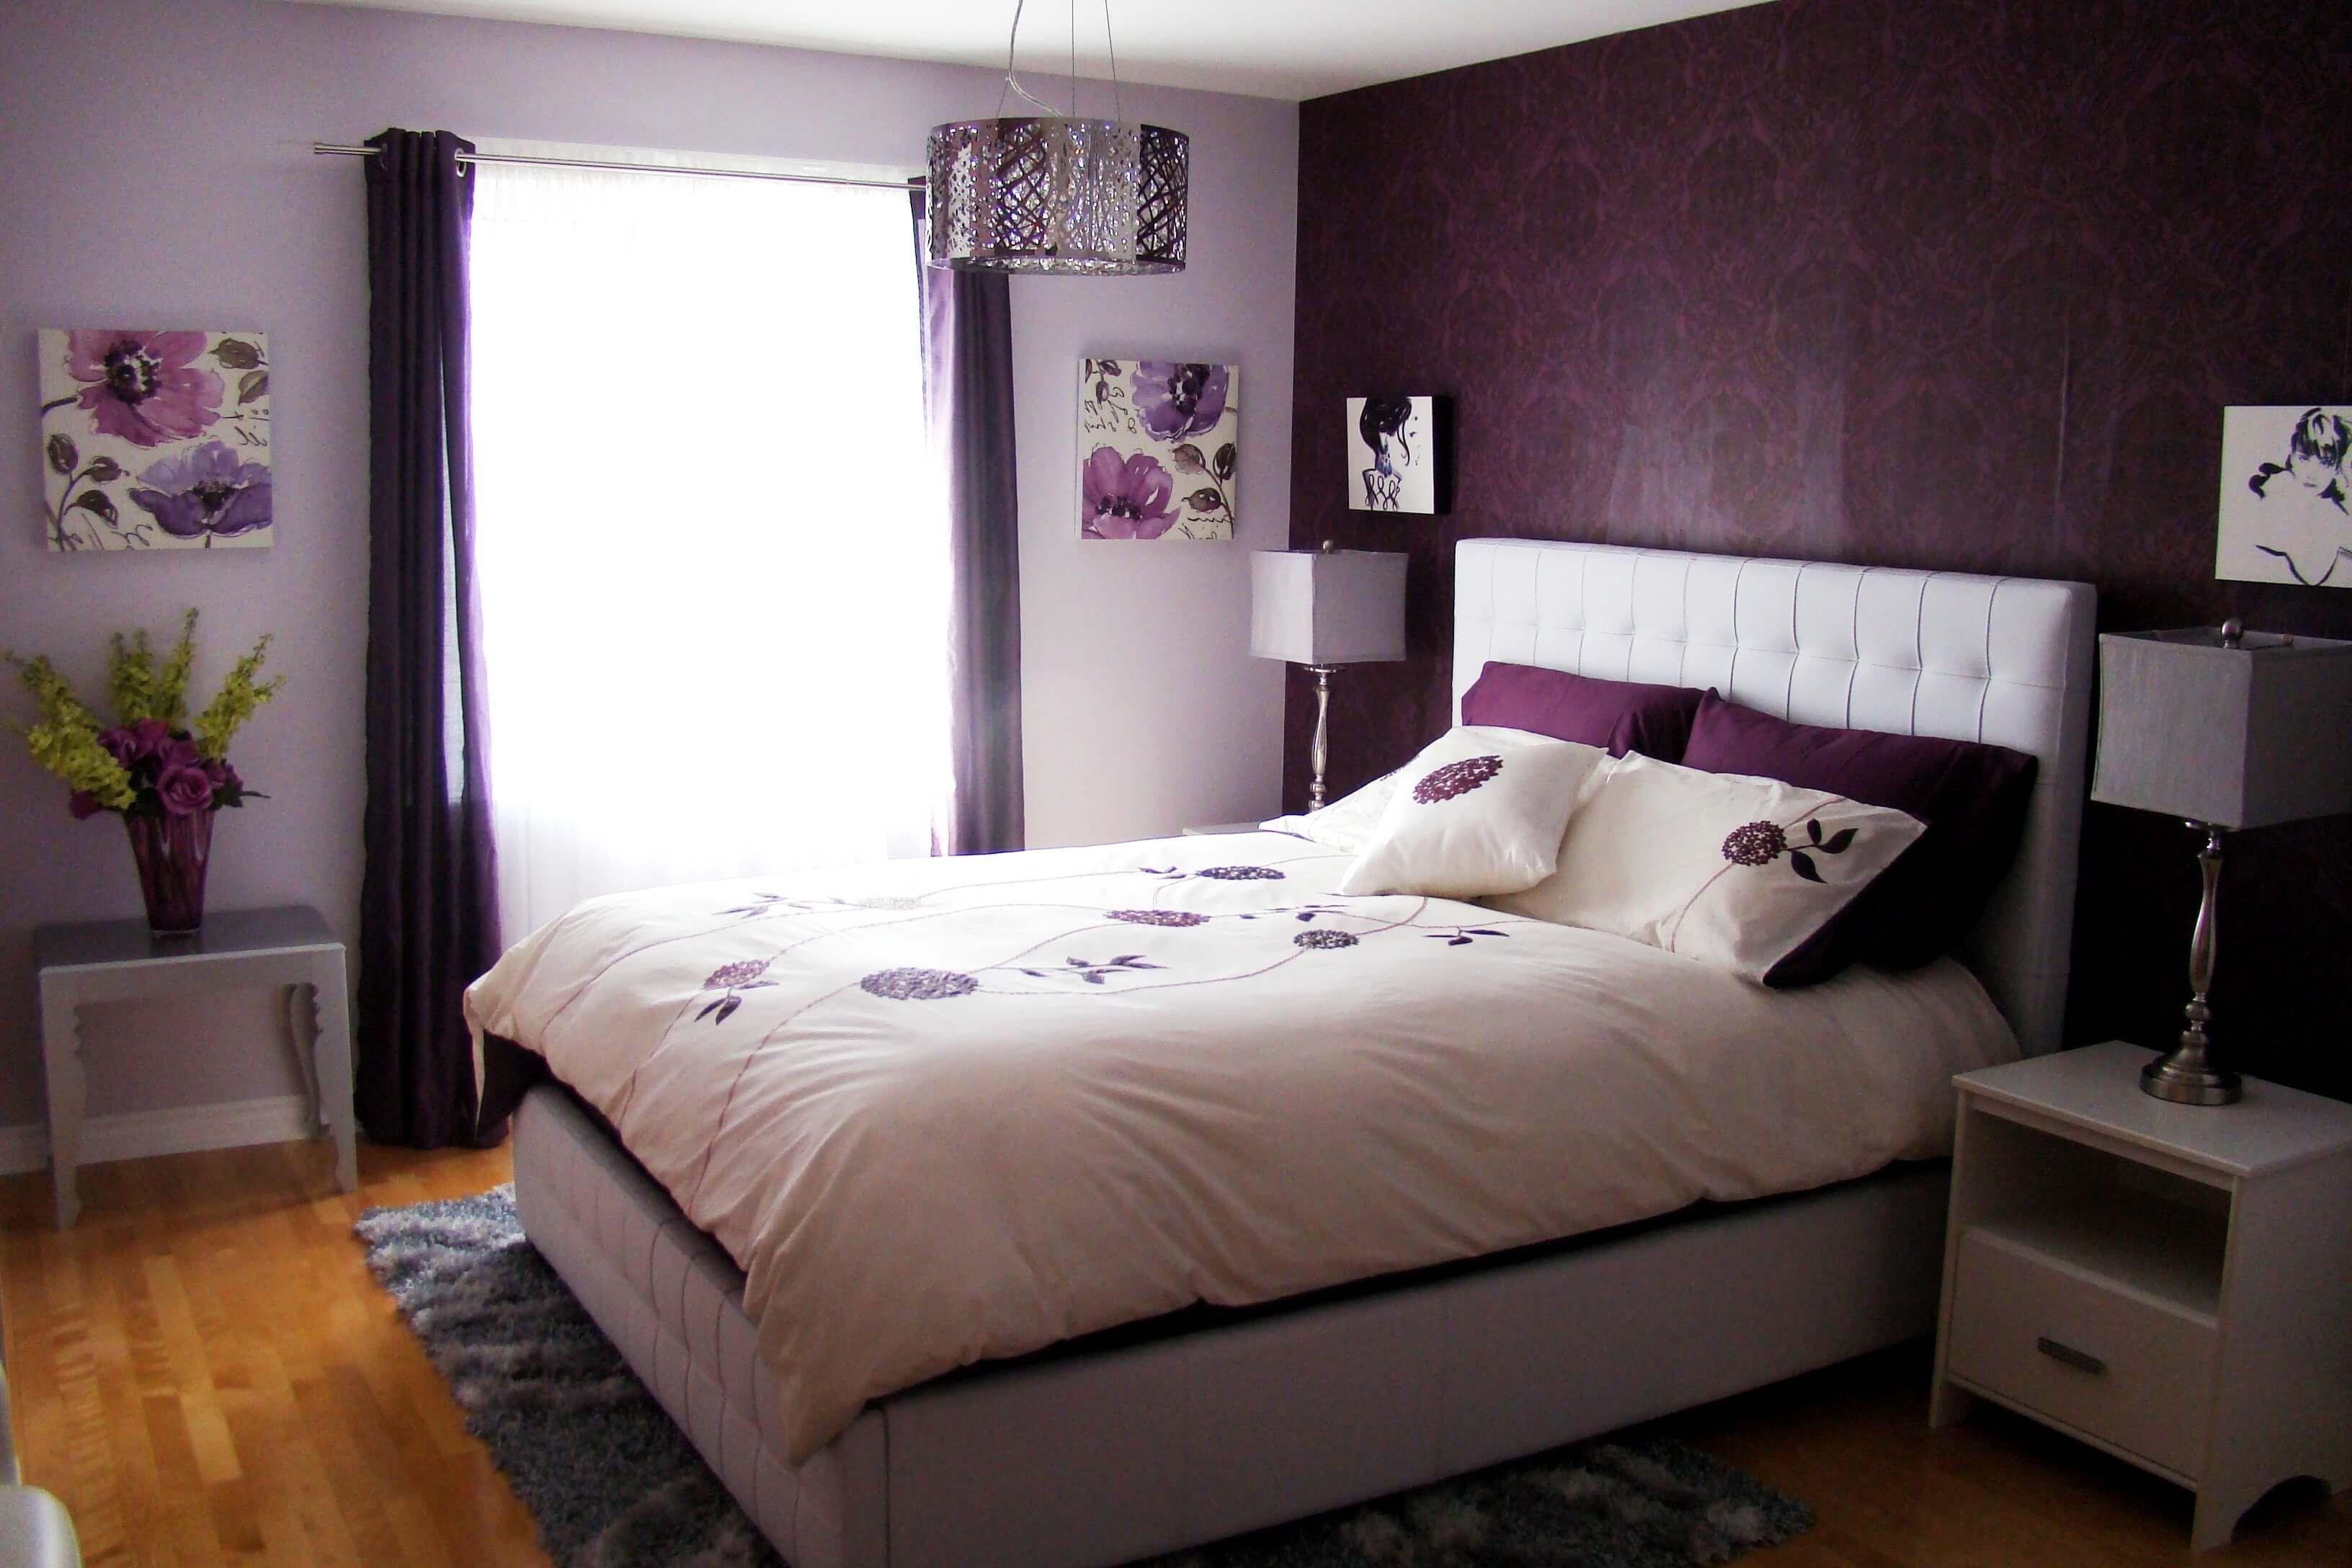 Dark Purple Bedroom With Images Purple Bedroom Decor